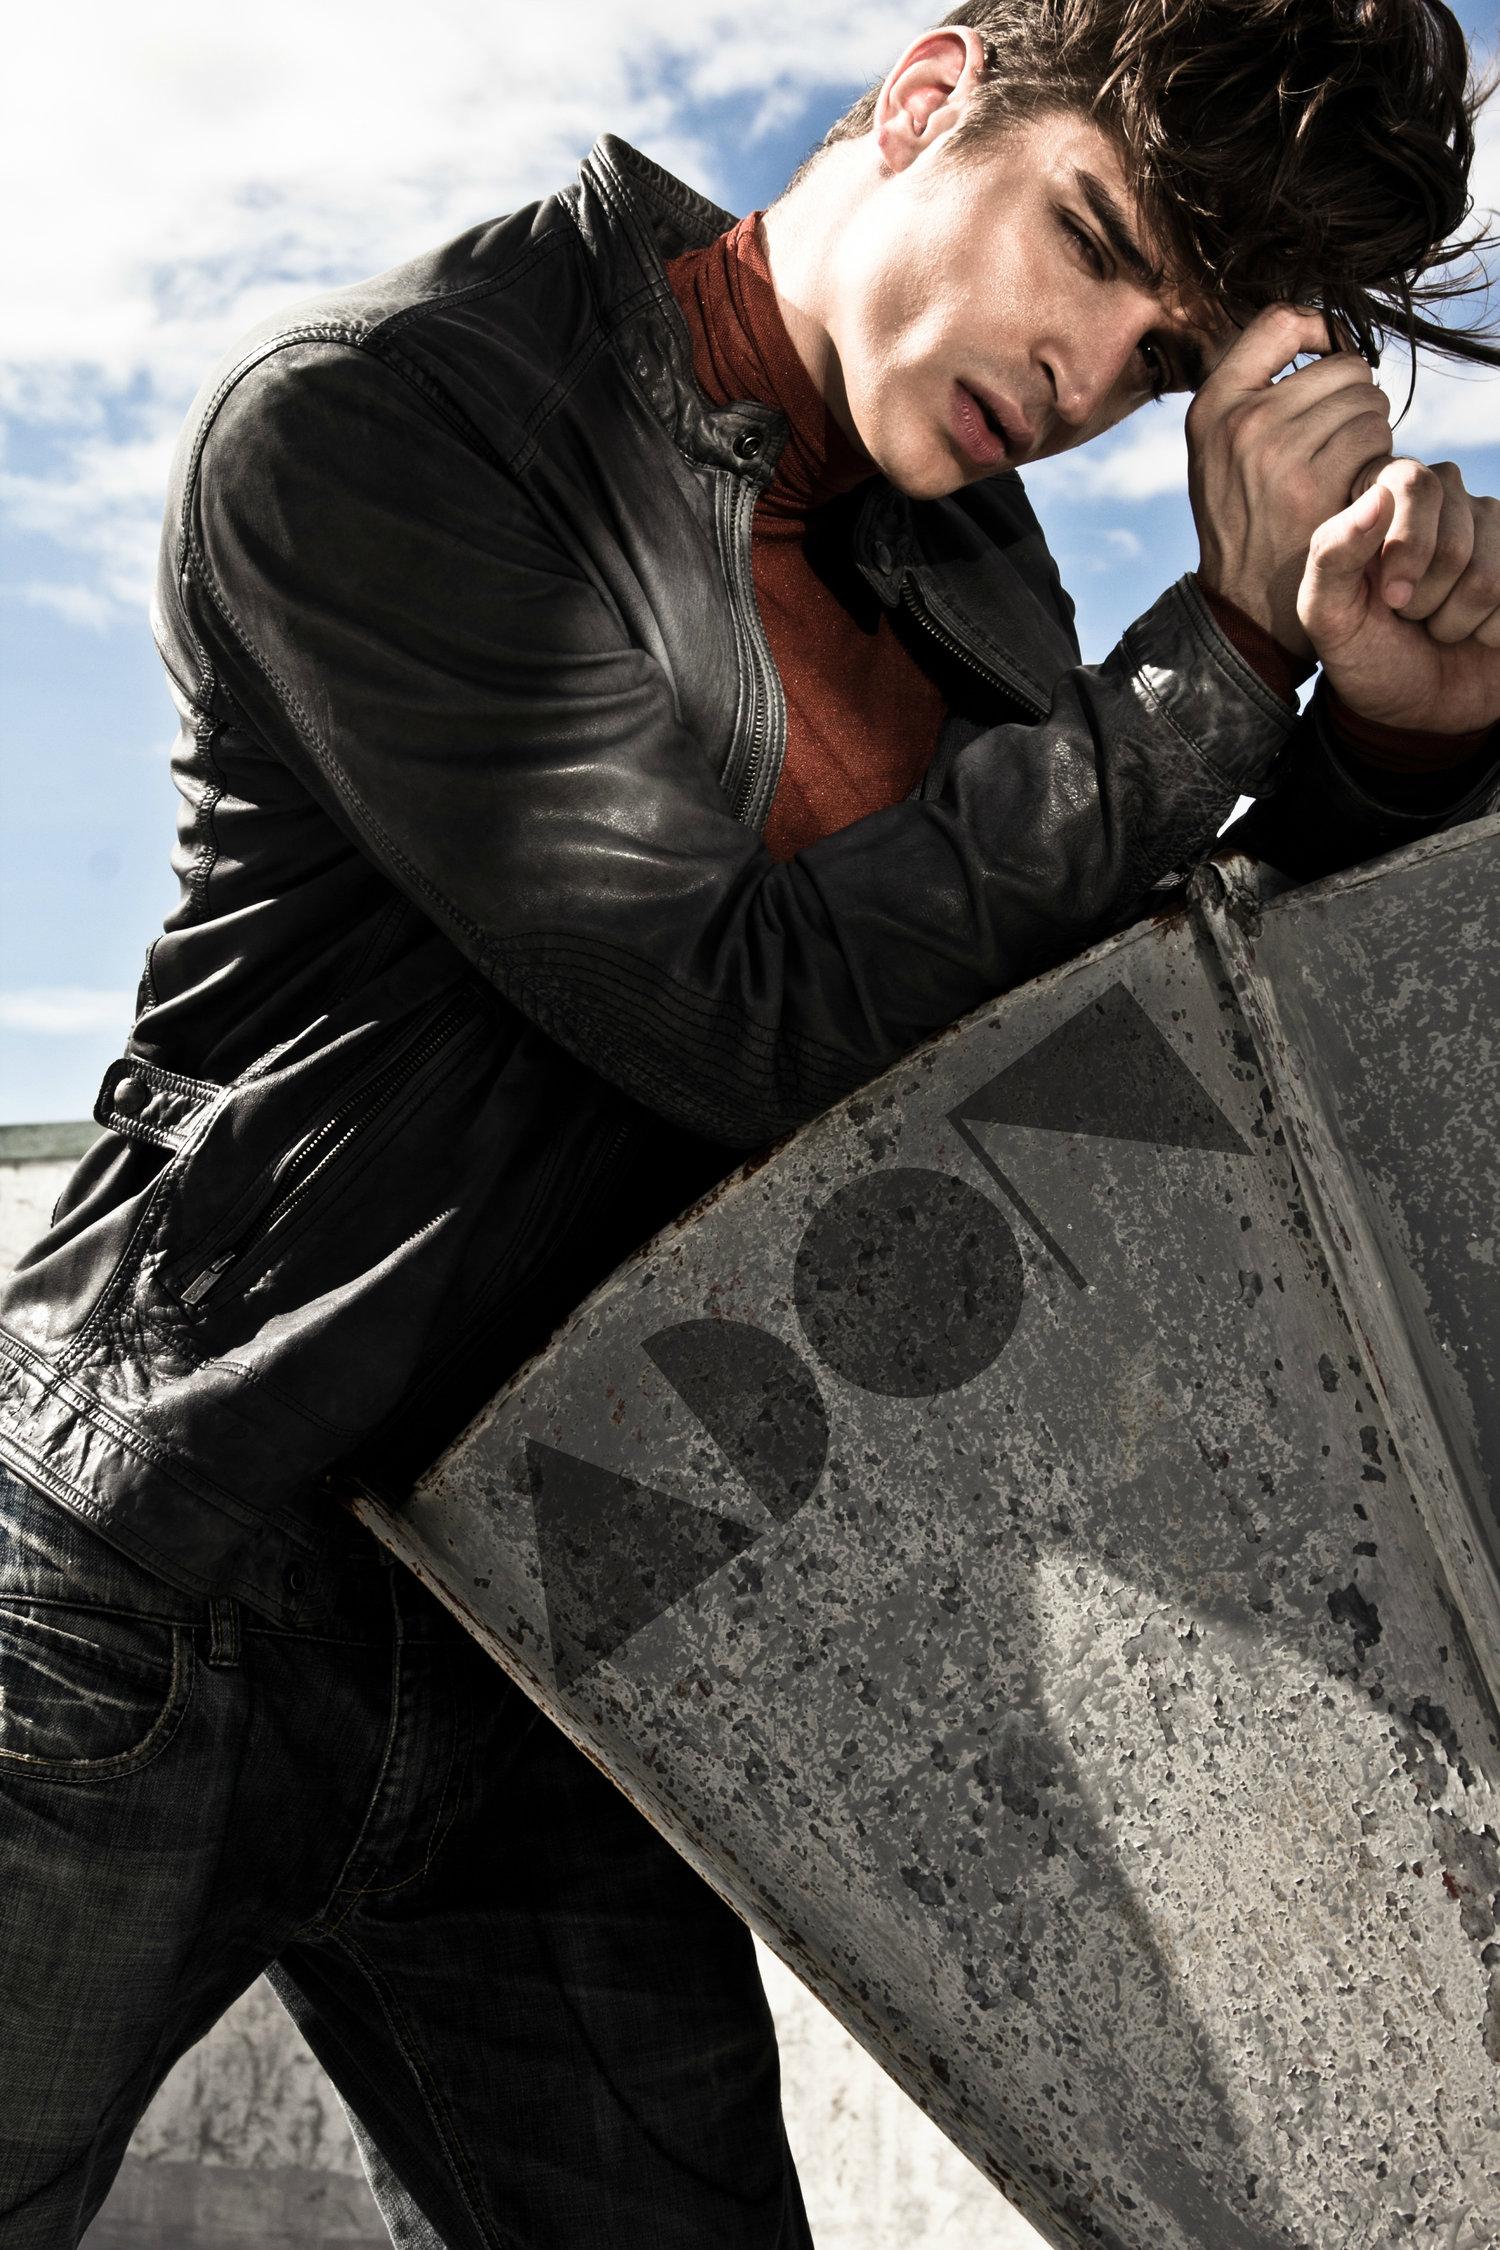 Adon Exclusive: Model Marco Araujo By Xram Ragde